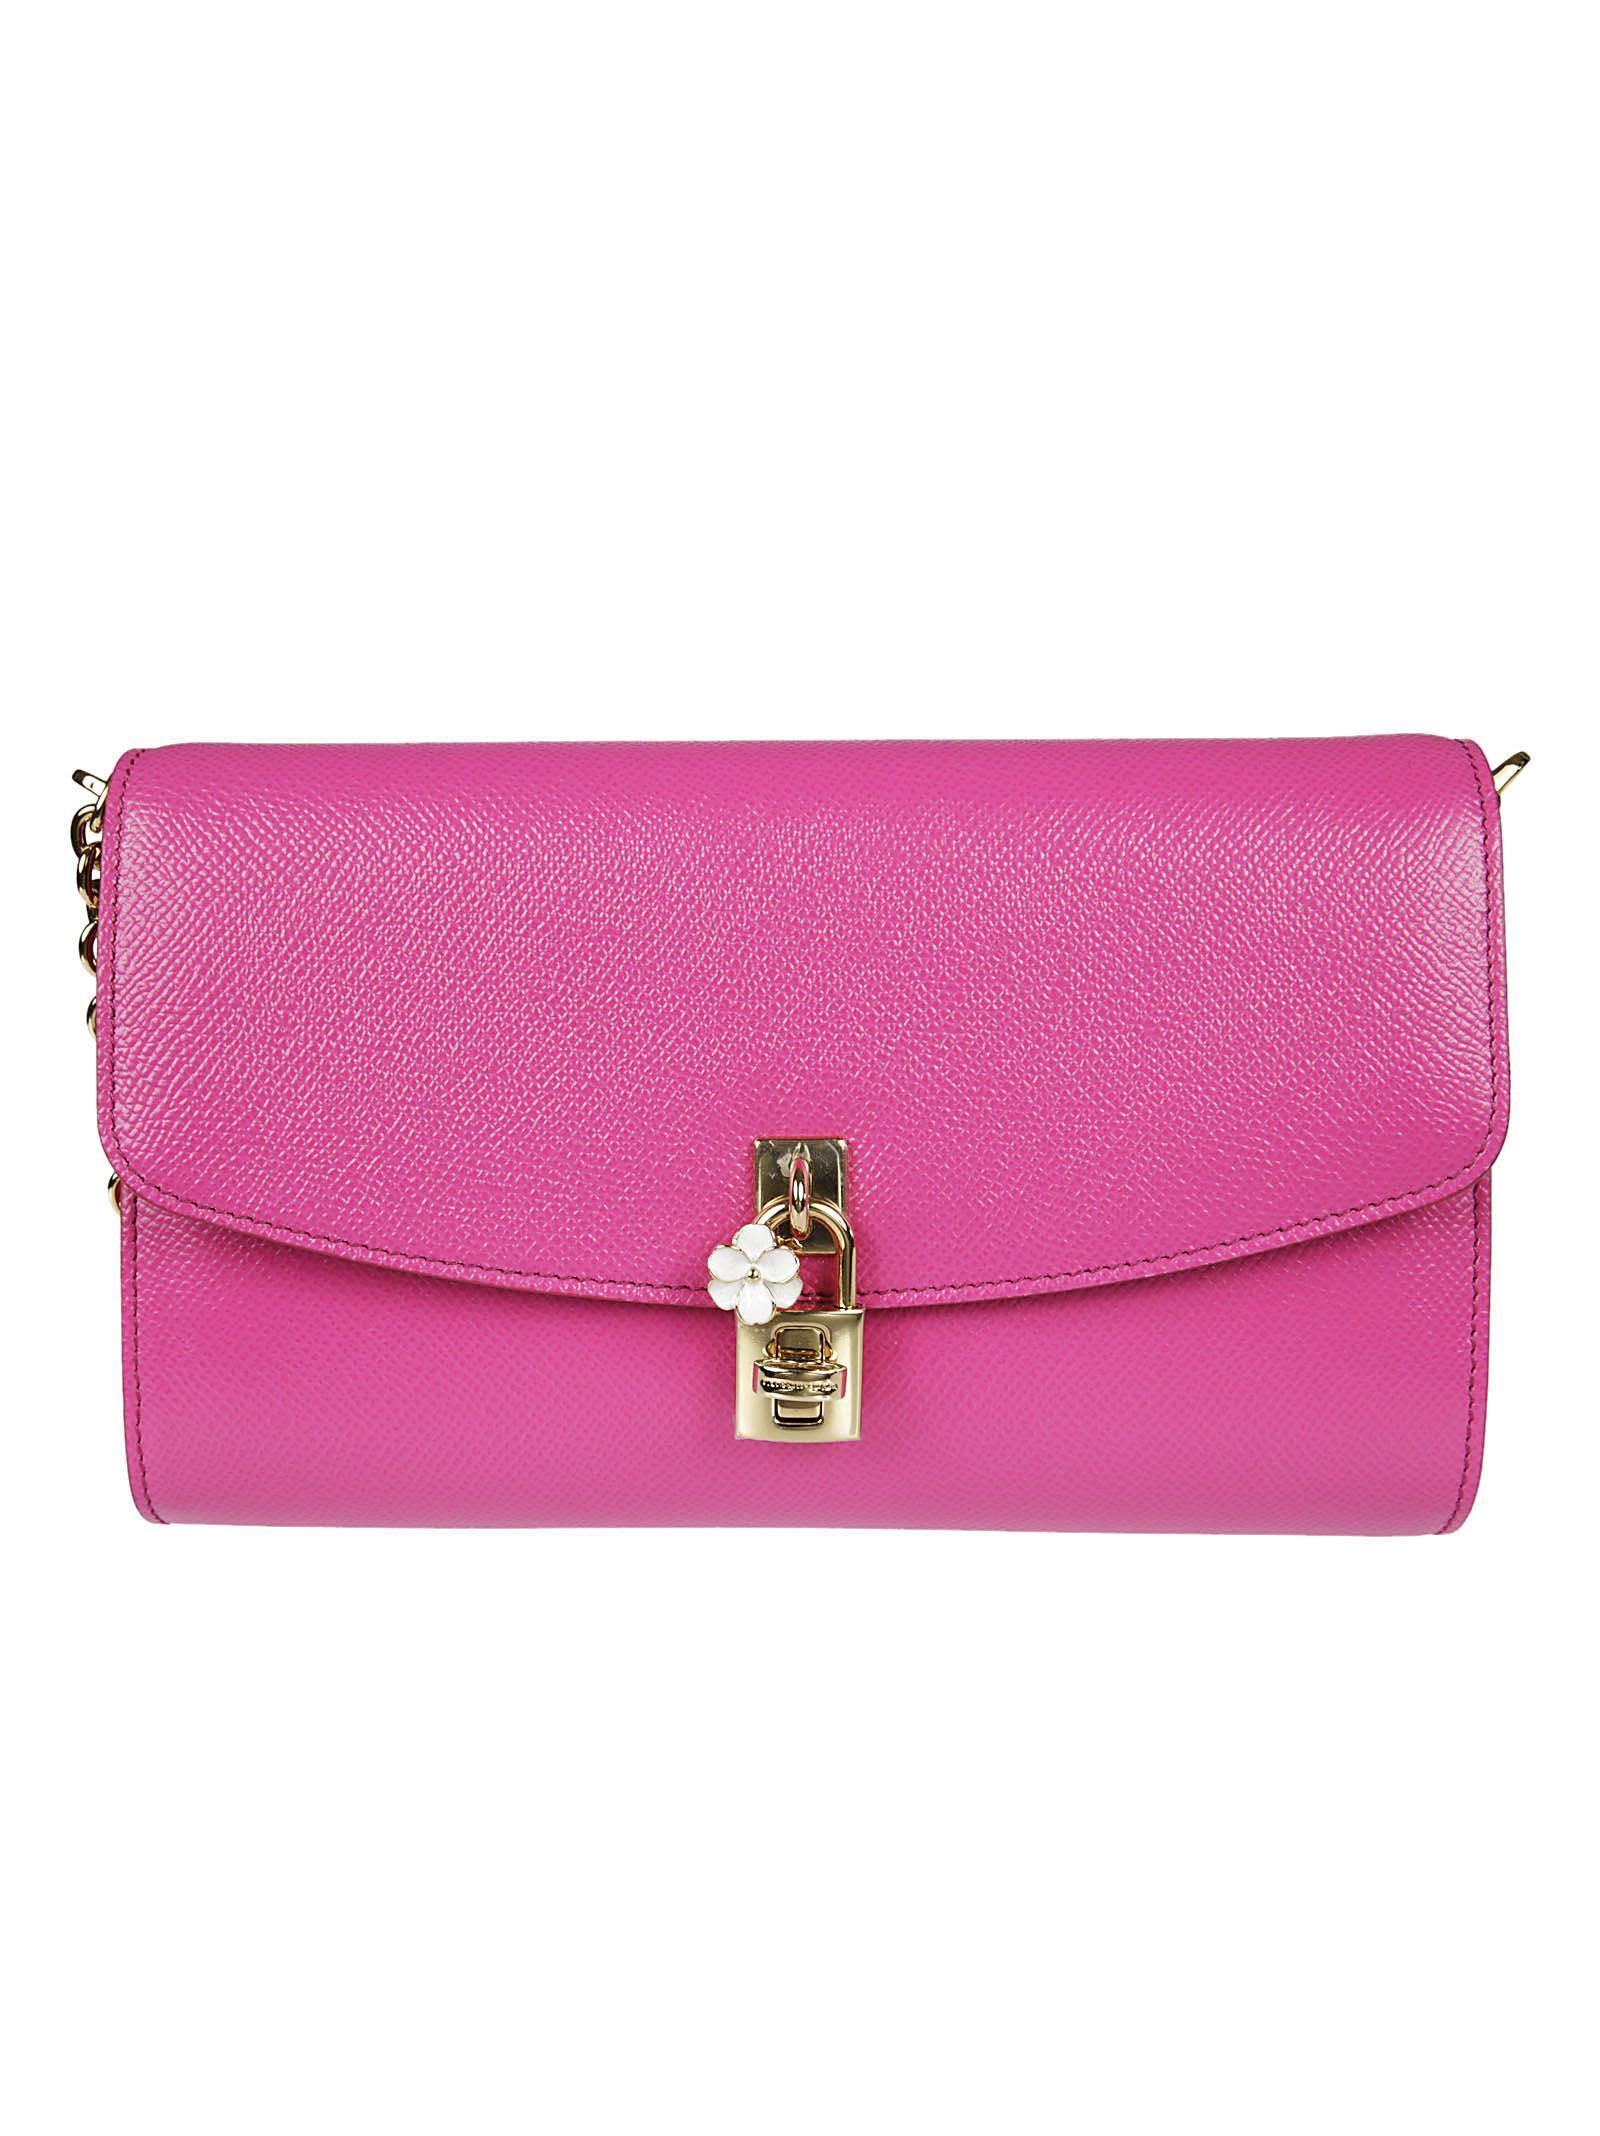 Dolce & Gabbana Pochette St. Dauphine Shoulder Bag